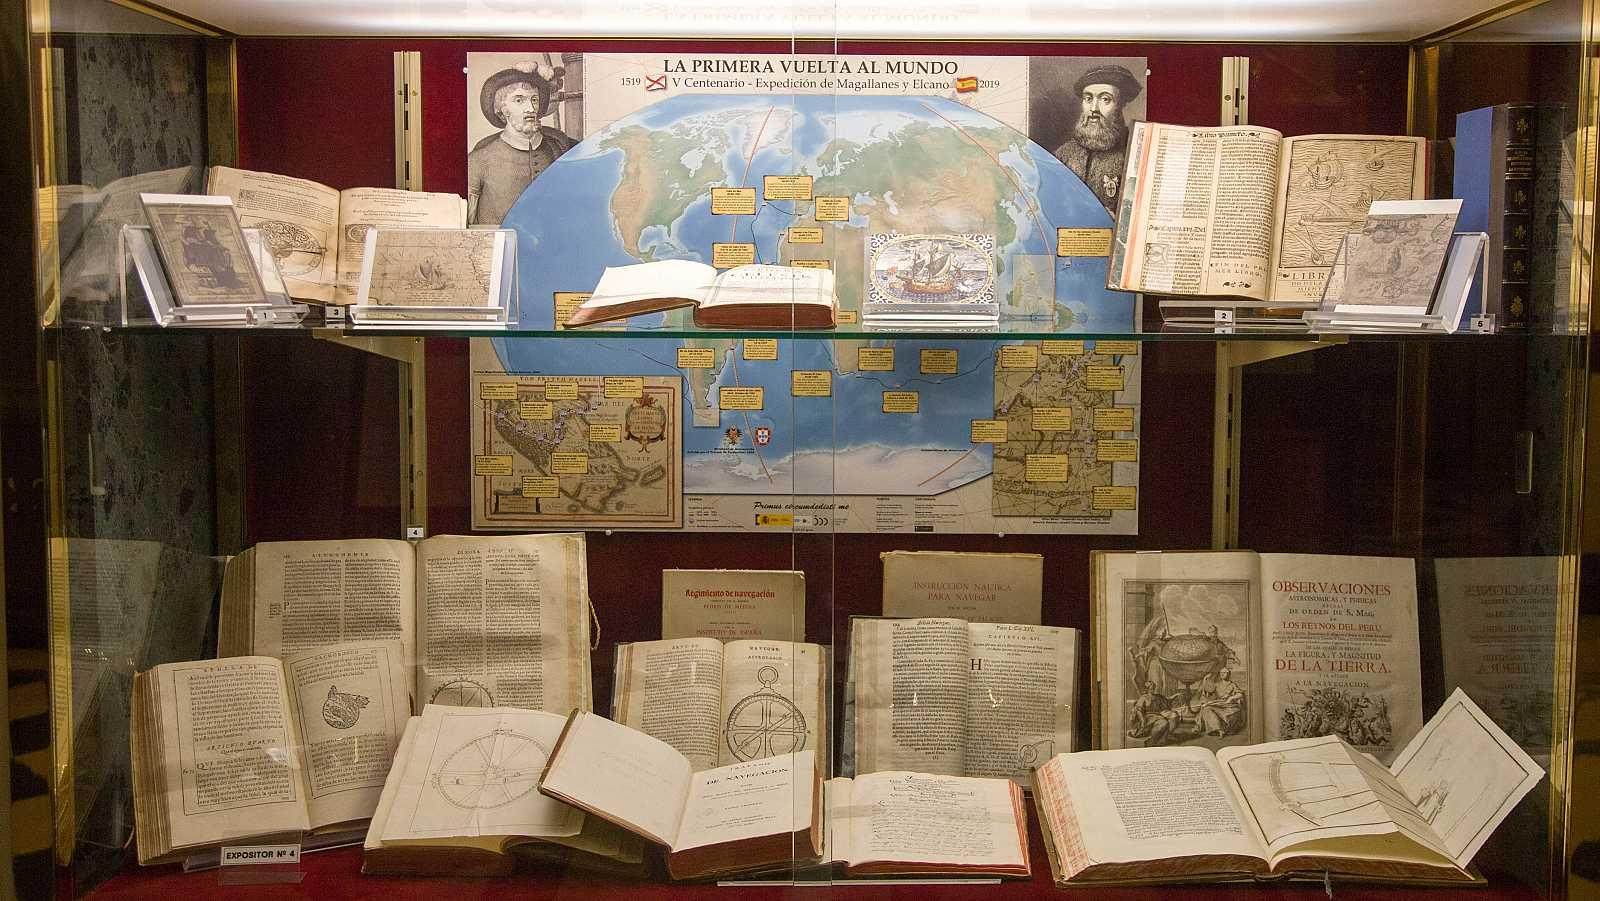 Parlamento - El reportaje - V Centenario de la Expedición de Magallanes y Elcano: la primera vuelta al mundo - 14/11/2020